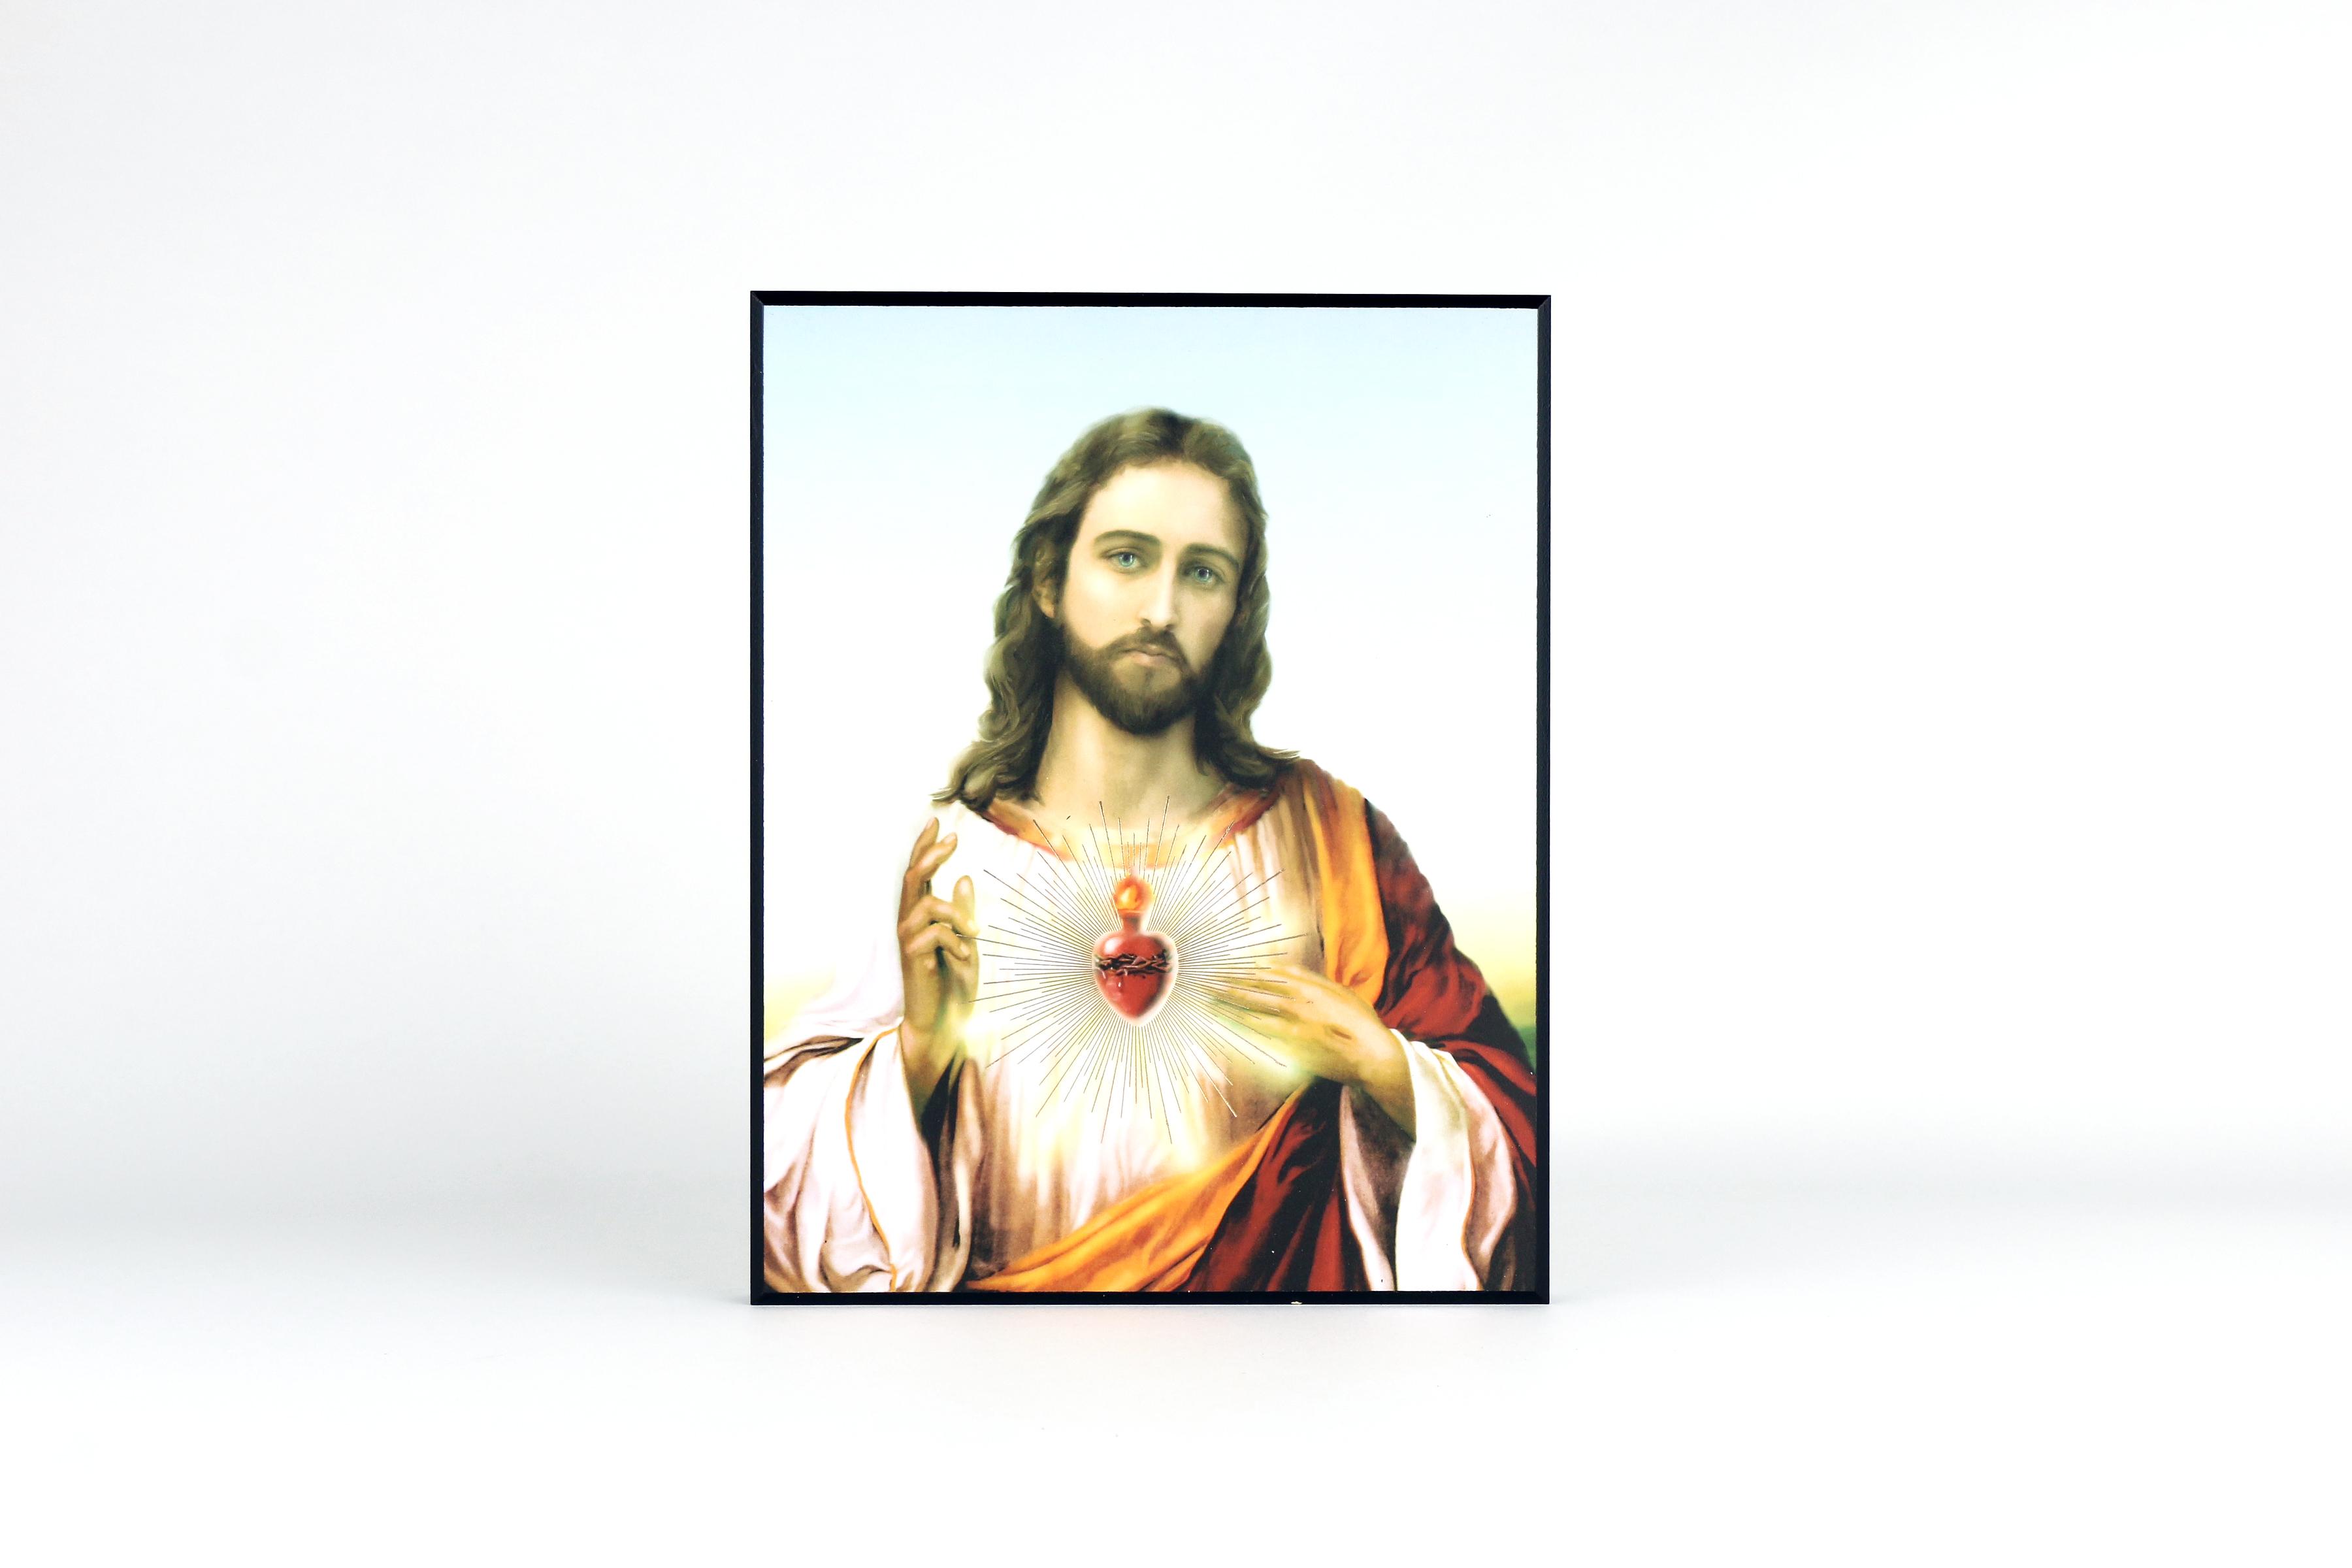 oratoire-st-joseph-plaque-sacre-coeur-de-jesus